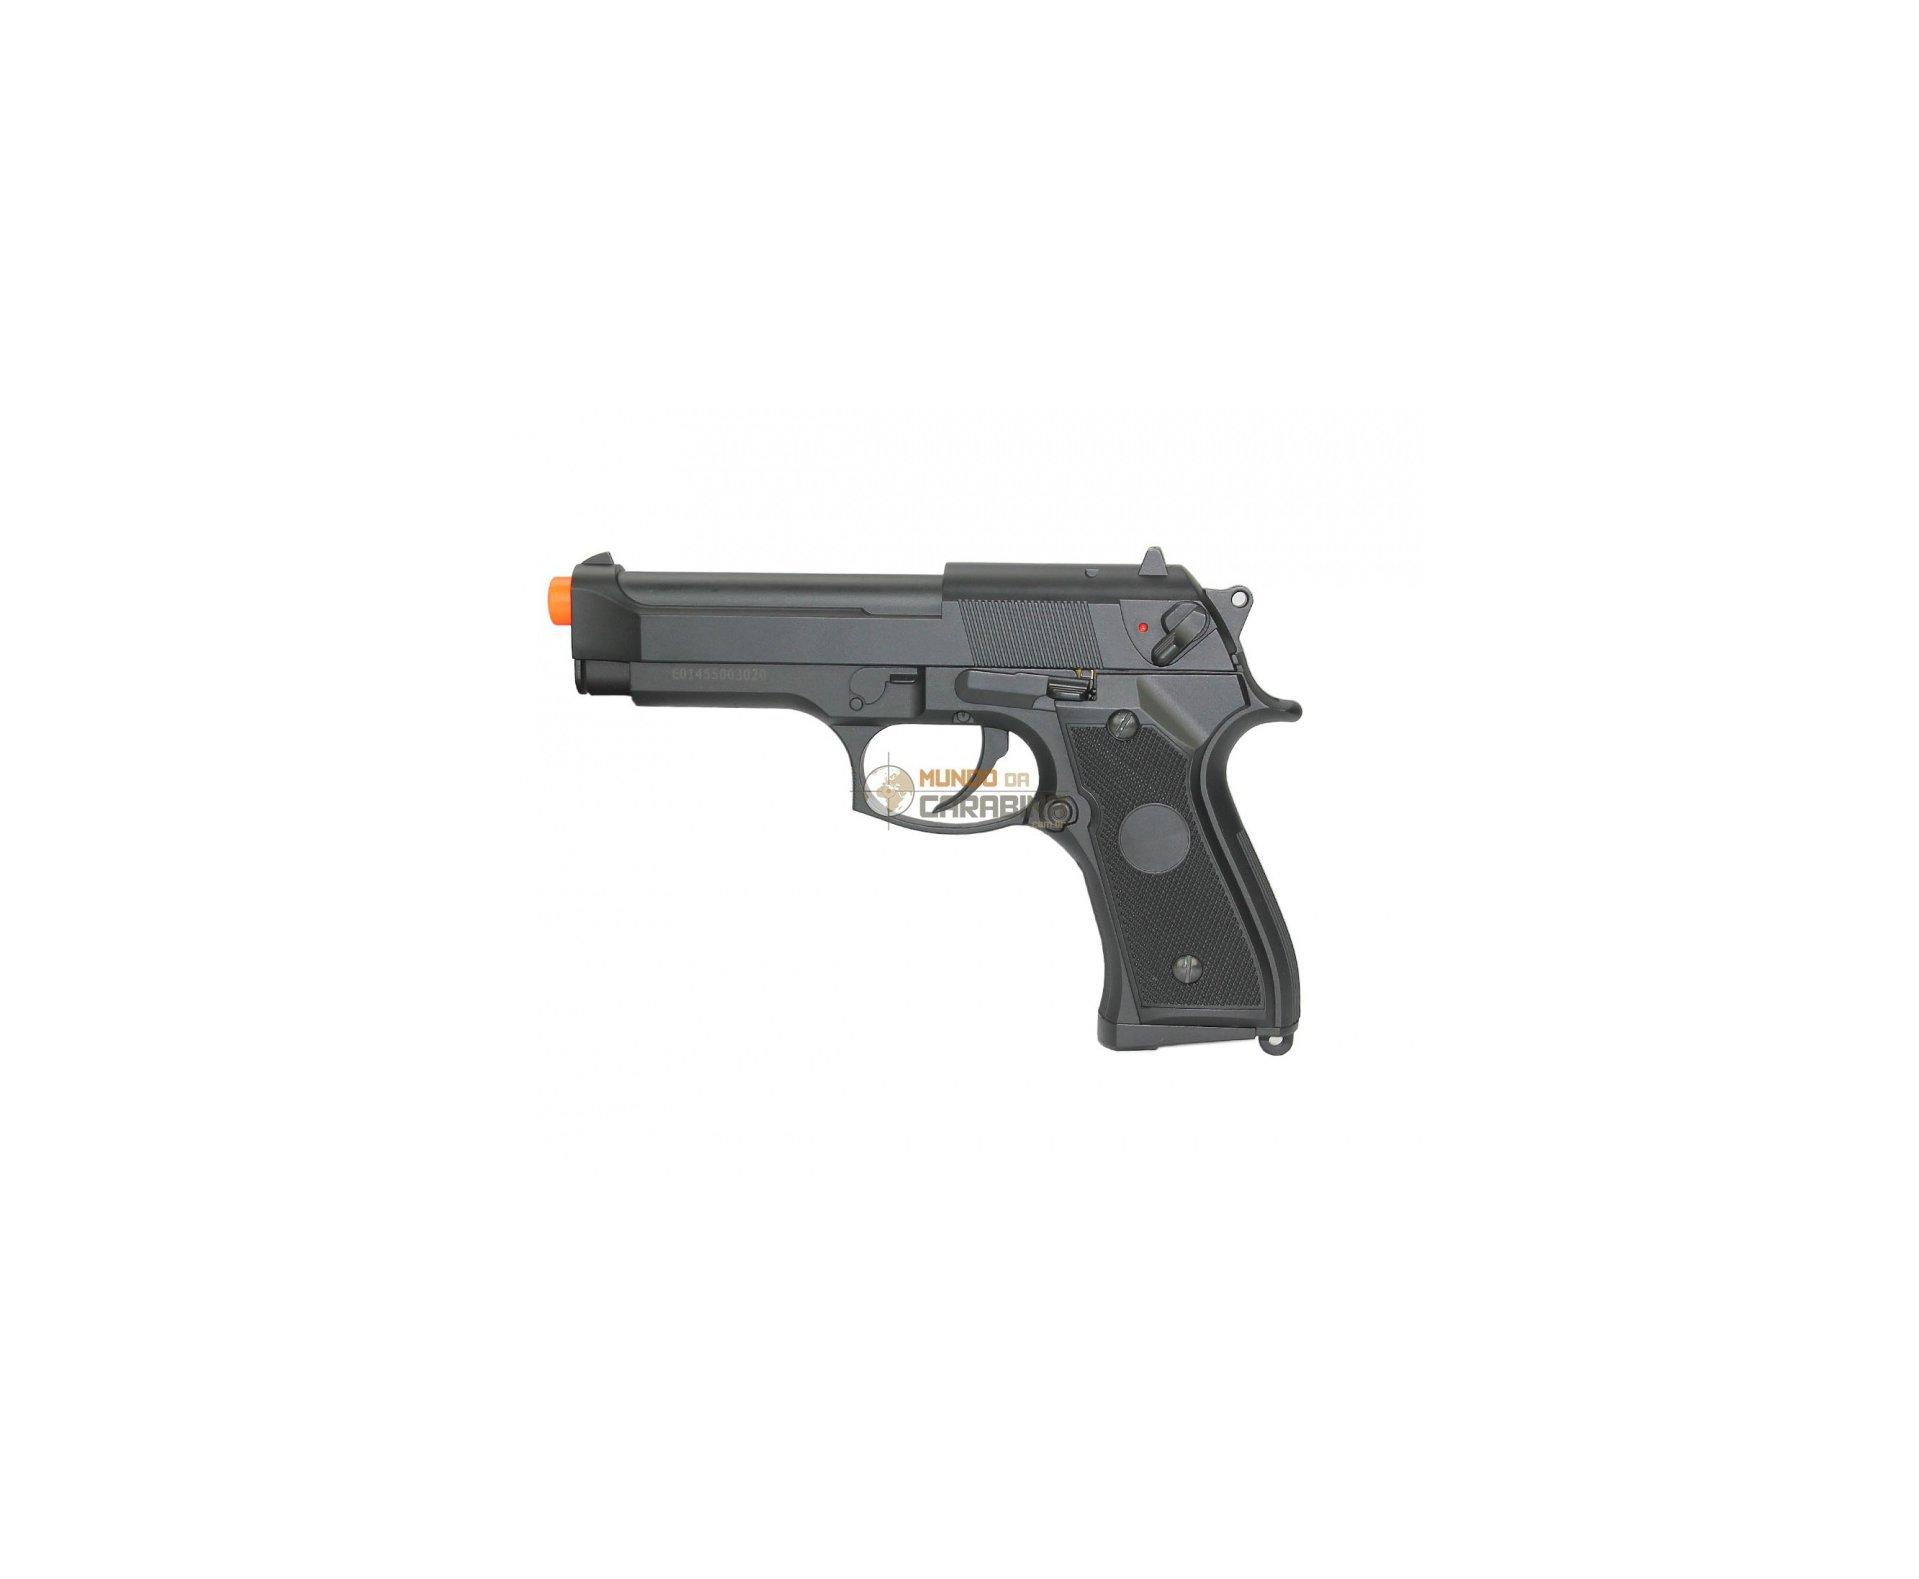 Pistola De Airsoft Eletrica M92f S&w Bivolt + Esferas 0,20g + Case Deluxe + Coldre - Cyma